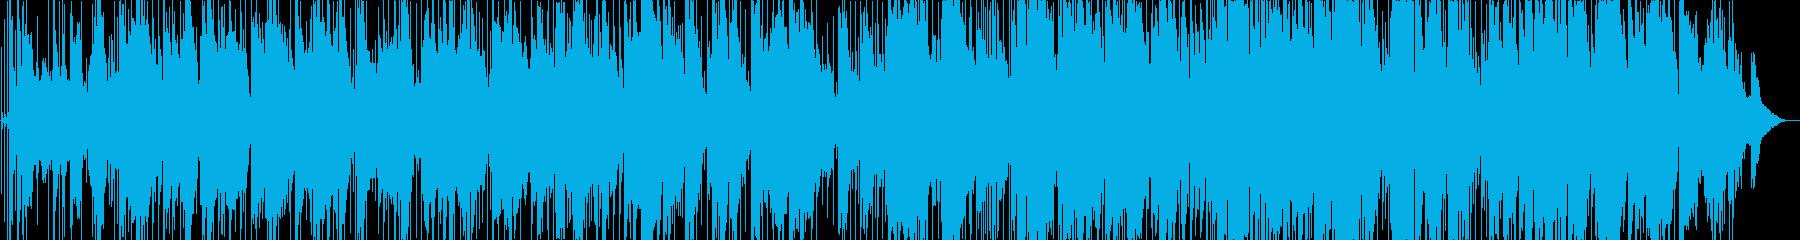 低音と2つのトランペットを含むクイ...の再生済みの波形